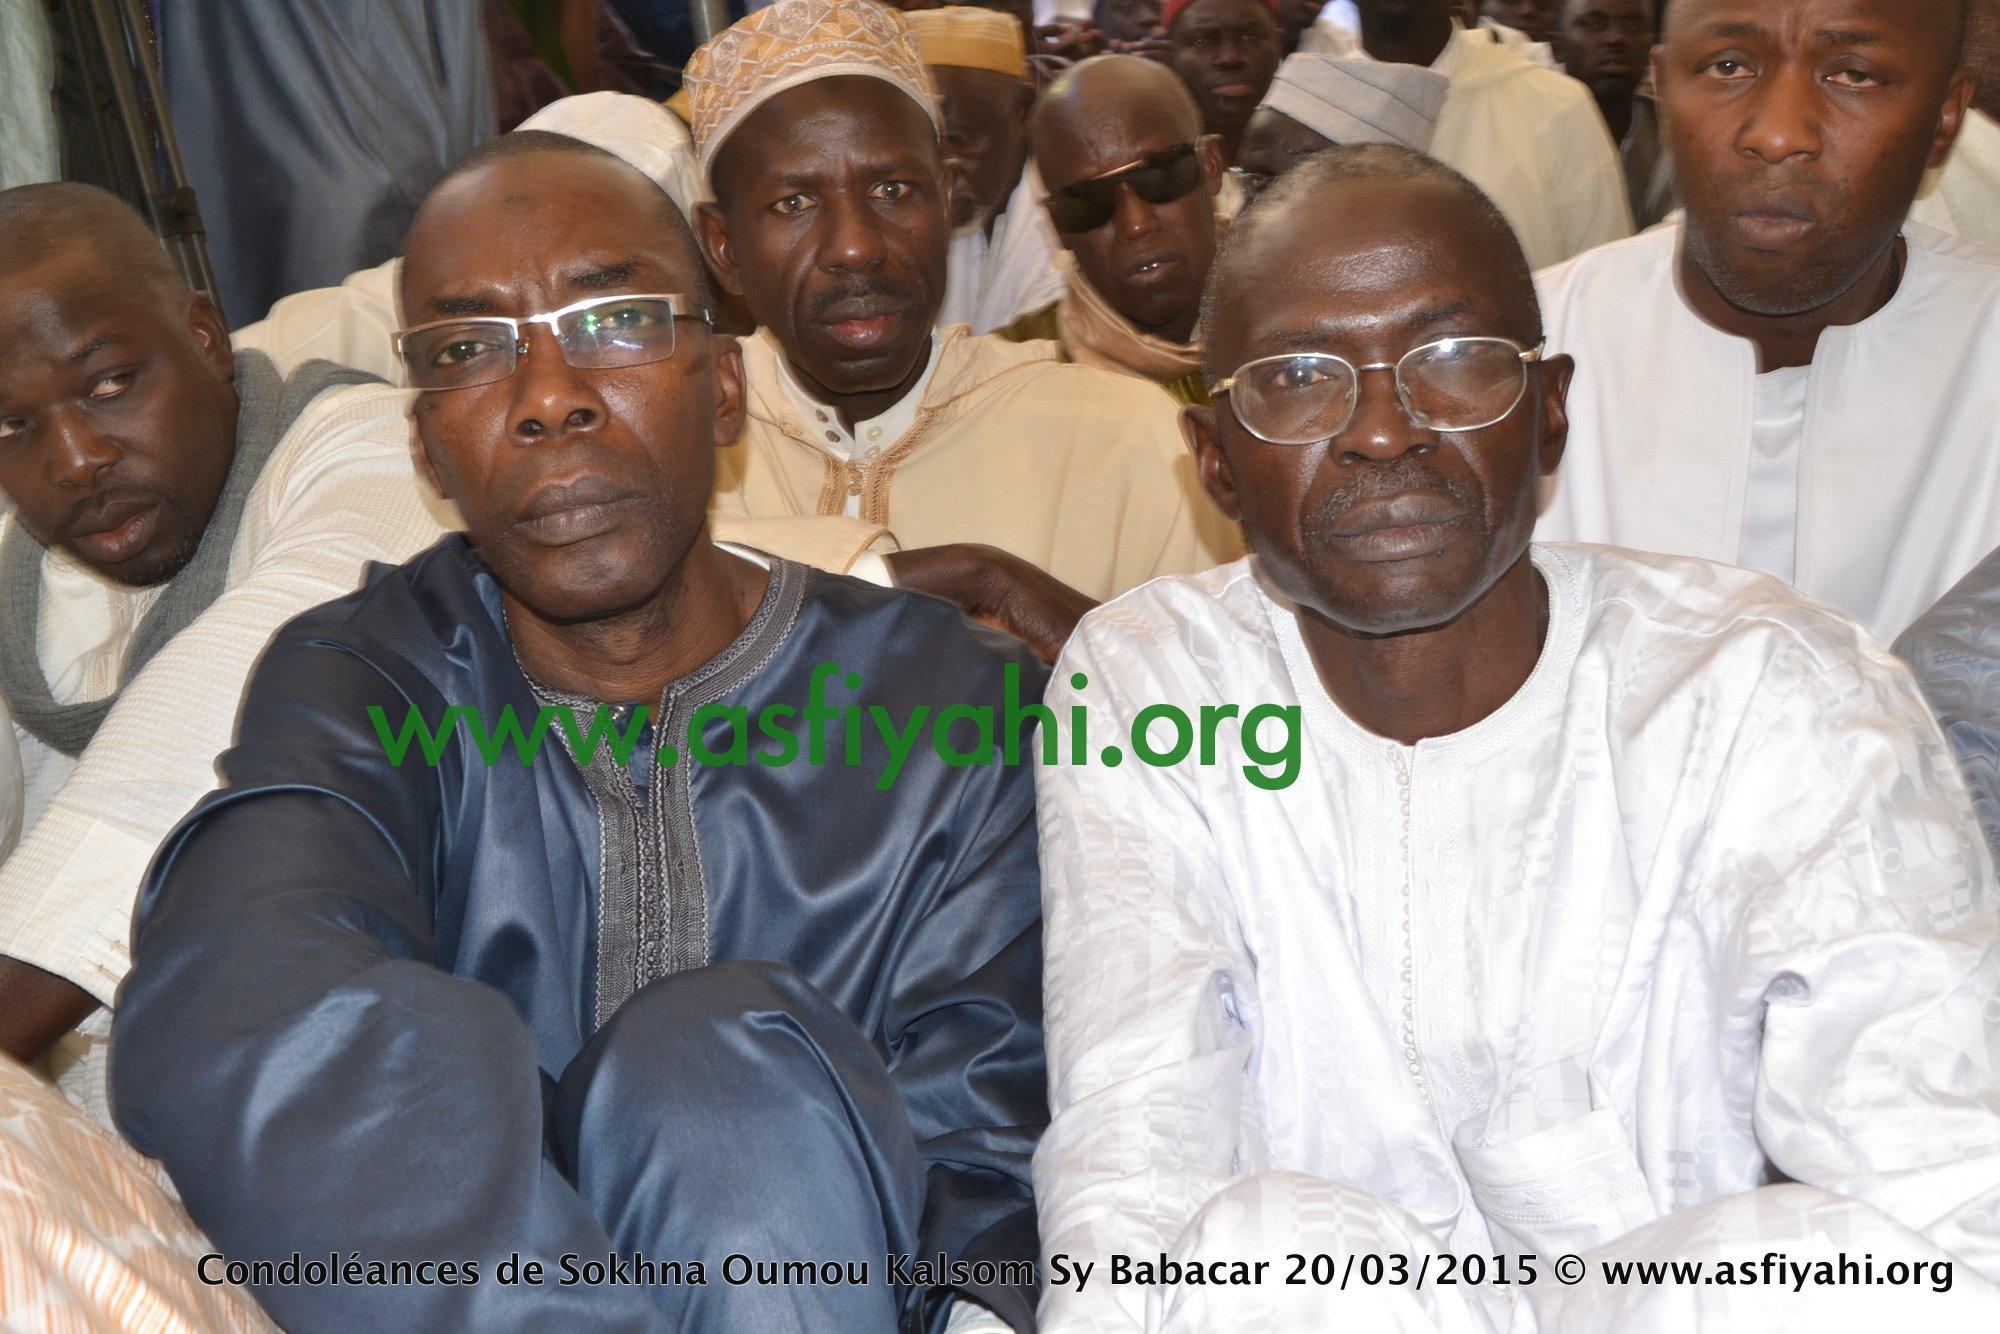 A gauche Serigne Mame Thierno Kane Ibn Sokhna Oumou Kalsoum Sy